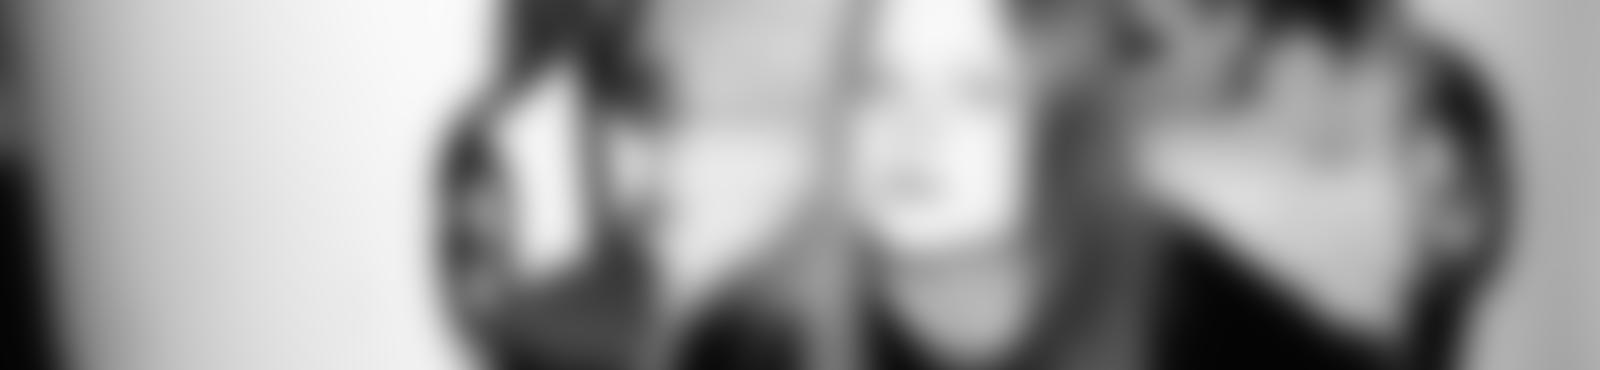 Blurred 37fc4d8d f0dd 4307 b8d6 0908f5433d2a